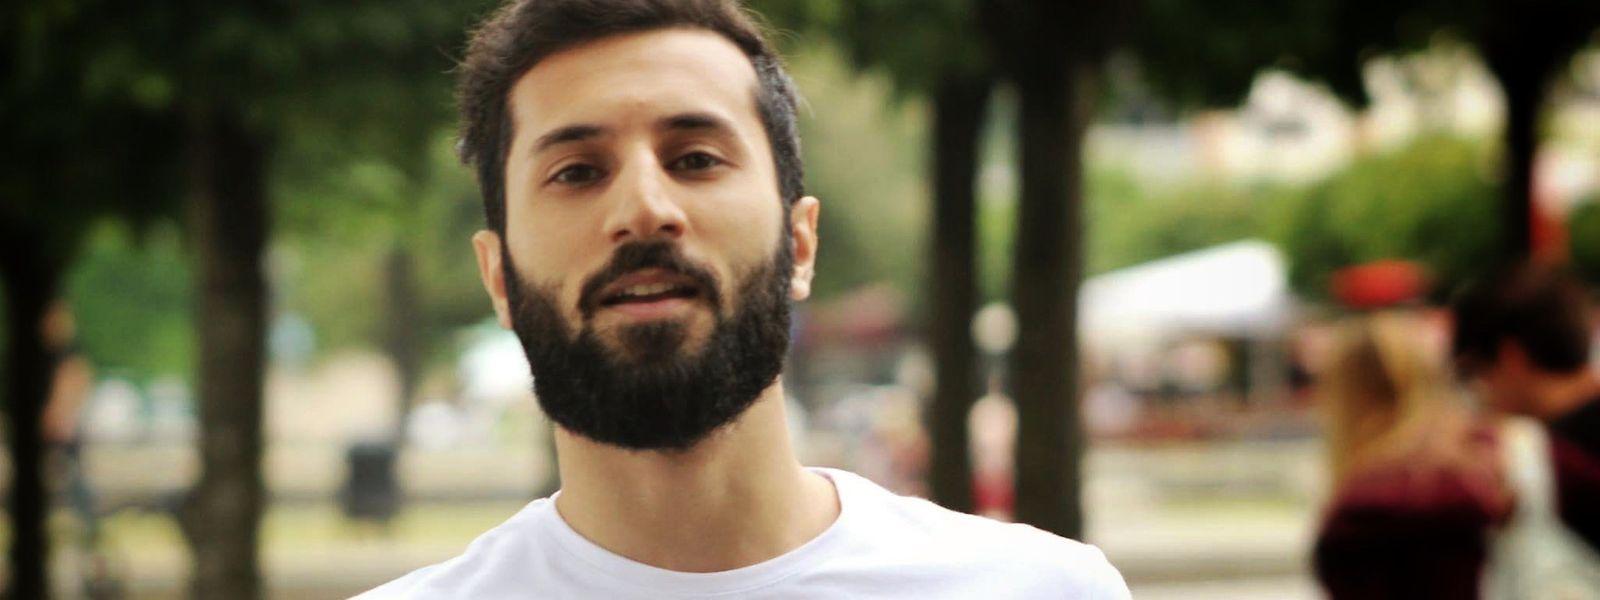 Obwohl er massiv angefeindet wird, organisiert Hassan Geuad weiter Aktionen gegen den Terror.